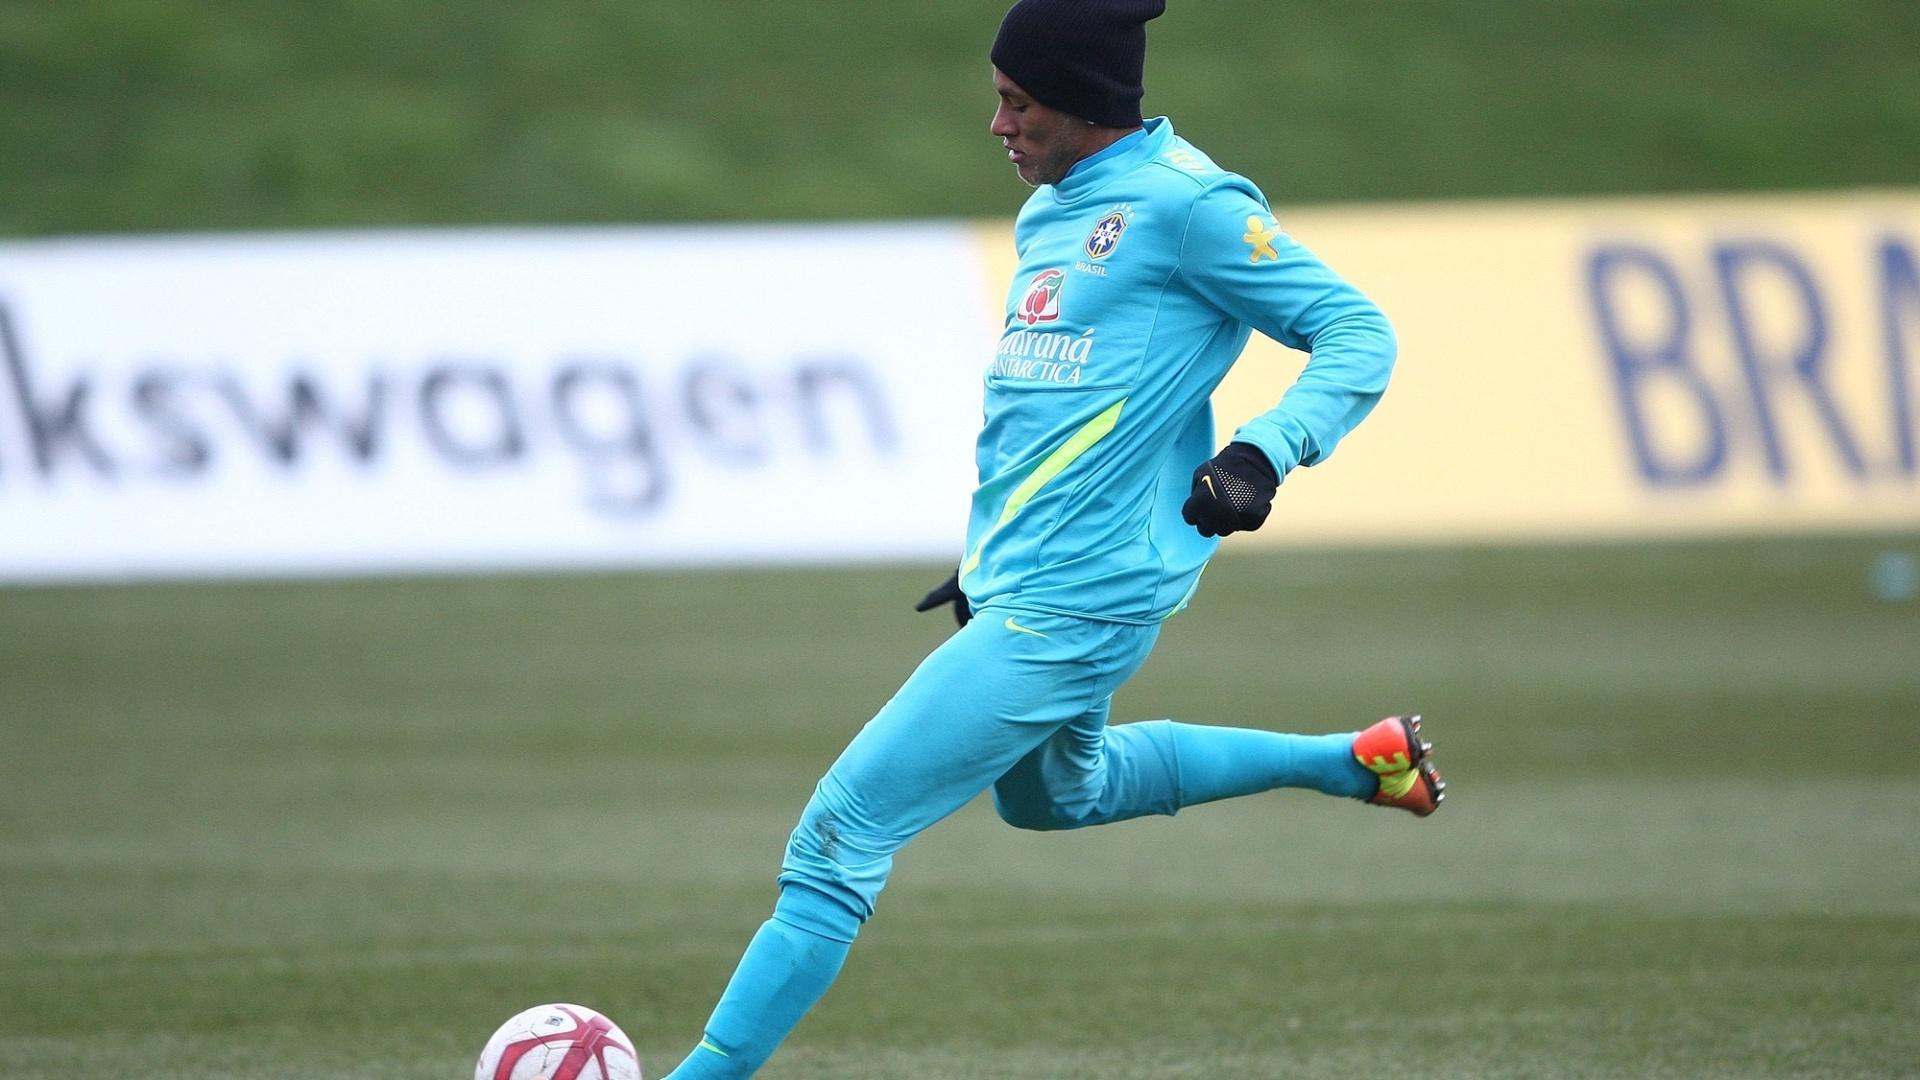 05.fev.2013 - Neymar em ação no treino da seleção brasileira antes do amistoso contra a Inglaterra